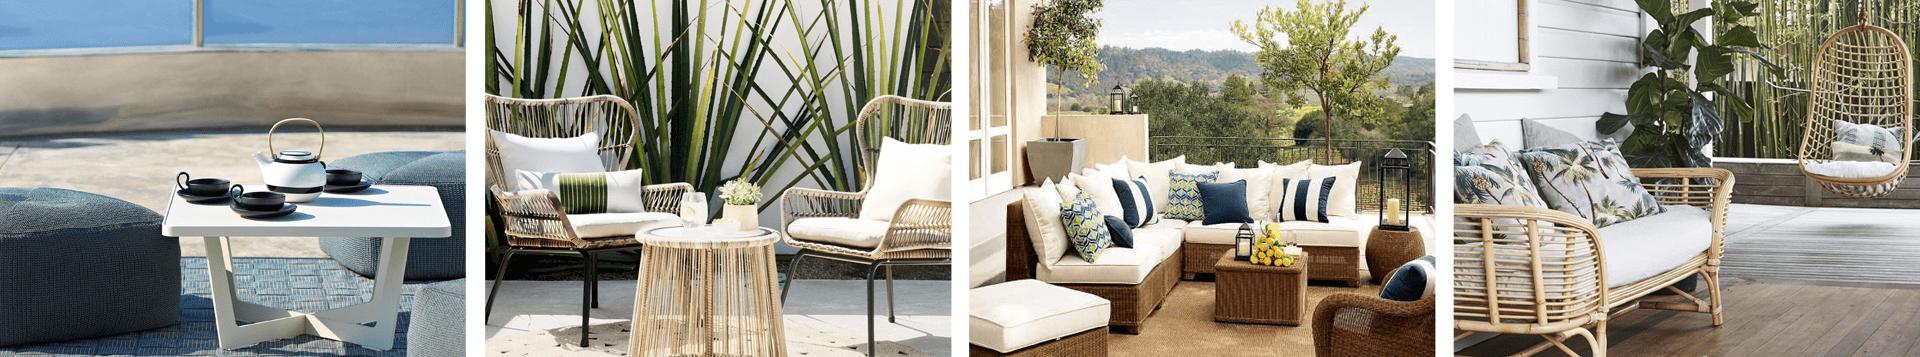 garden furniture marbella